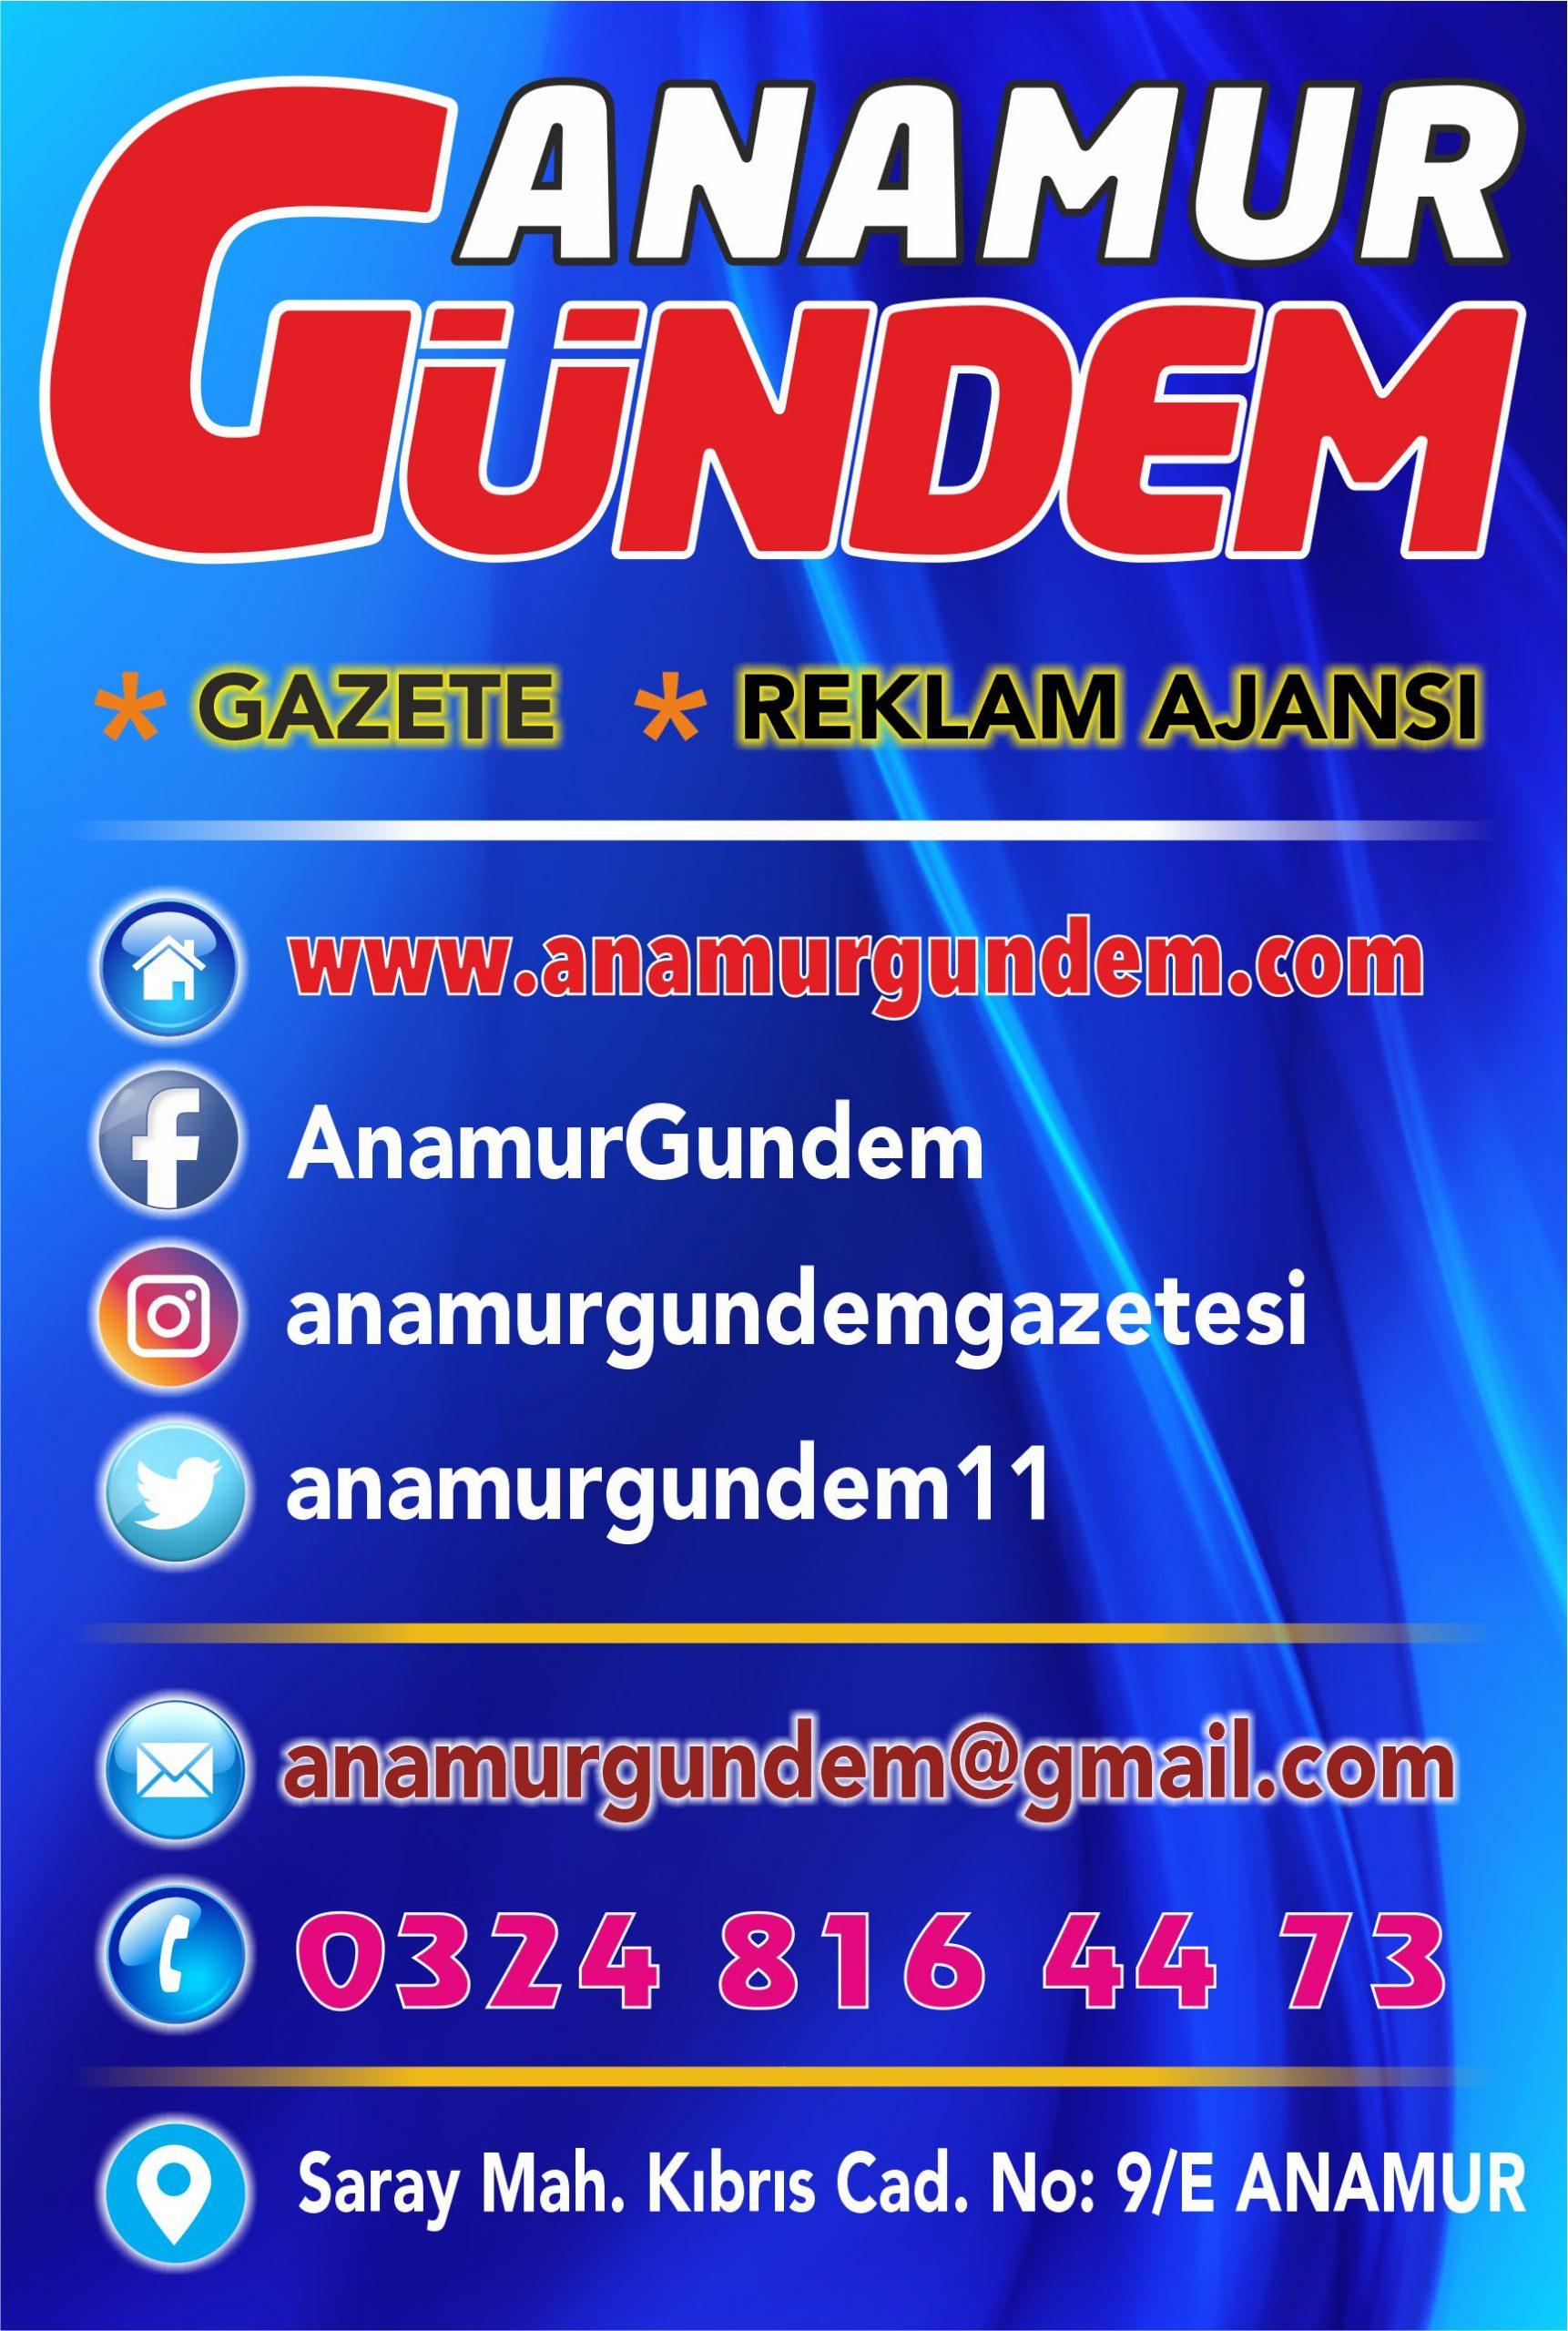 ANAMUR GÜNDEM